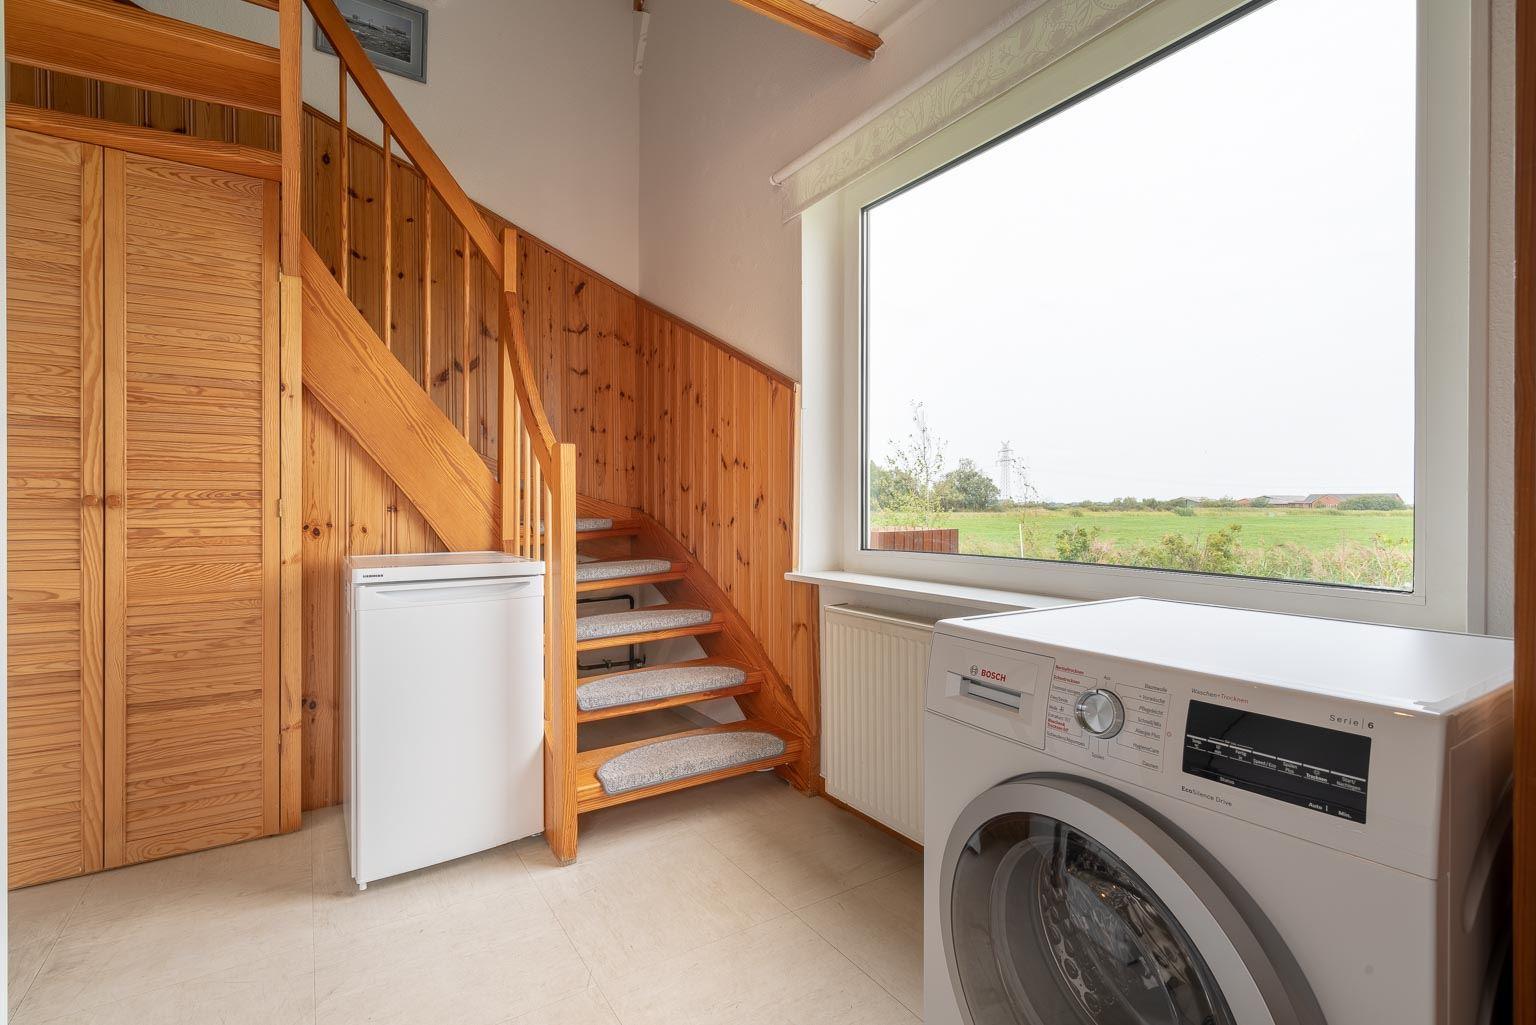 Eingangsbereich mit Waschtrockner